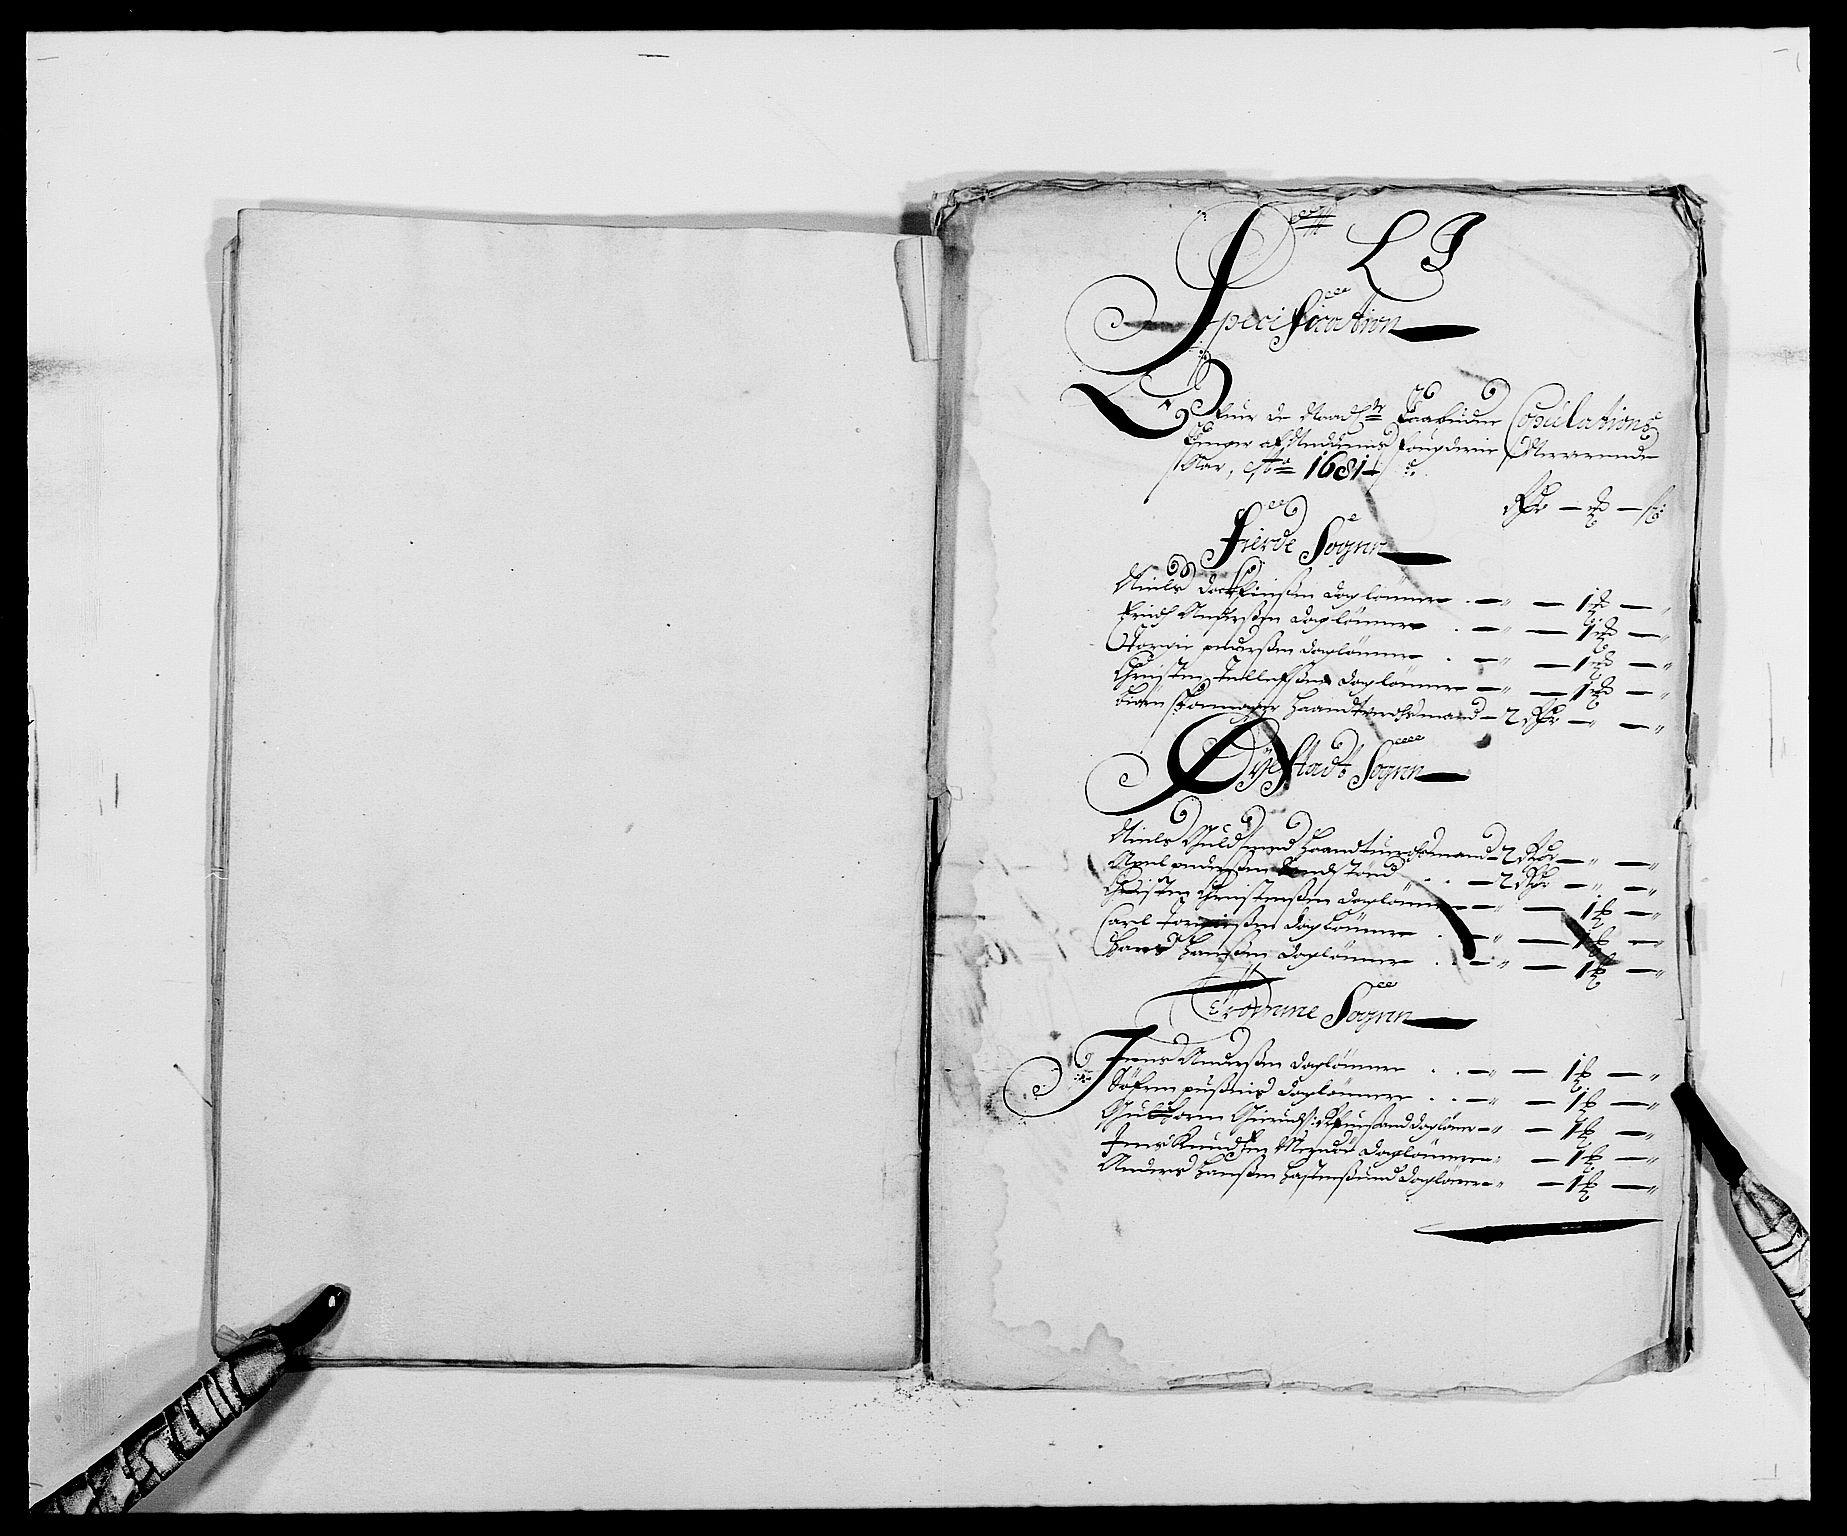 RA, Rentekammeret inntil 1814, Reviderte regnskaper, Fogderegnskap, R39/L2304: Fogderegnskap Nedenes, 1680-1682, s. 297